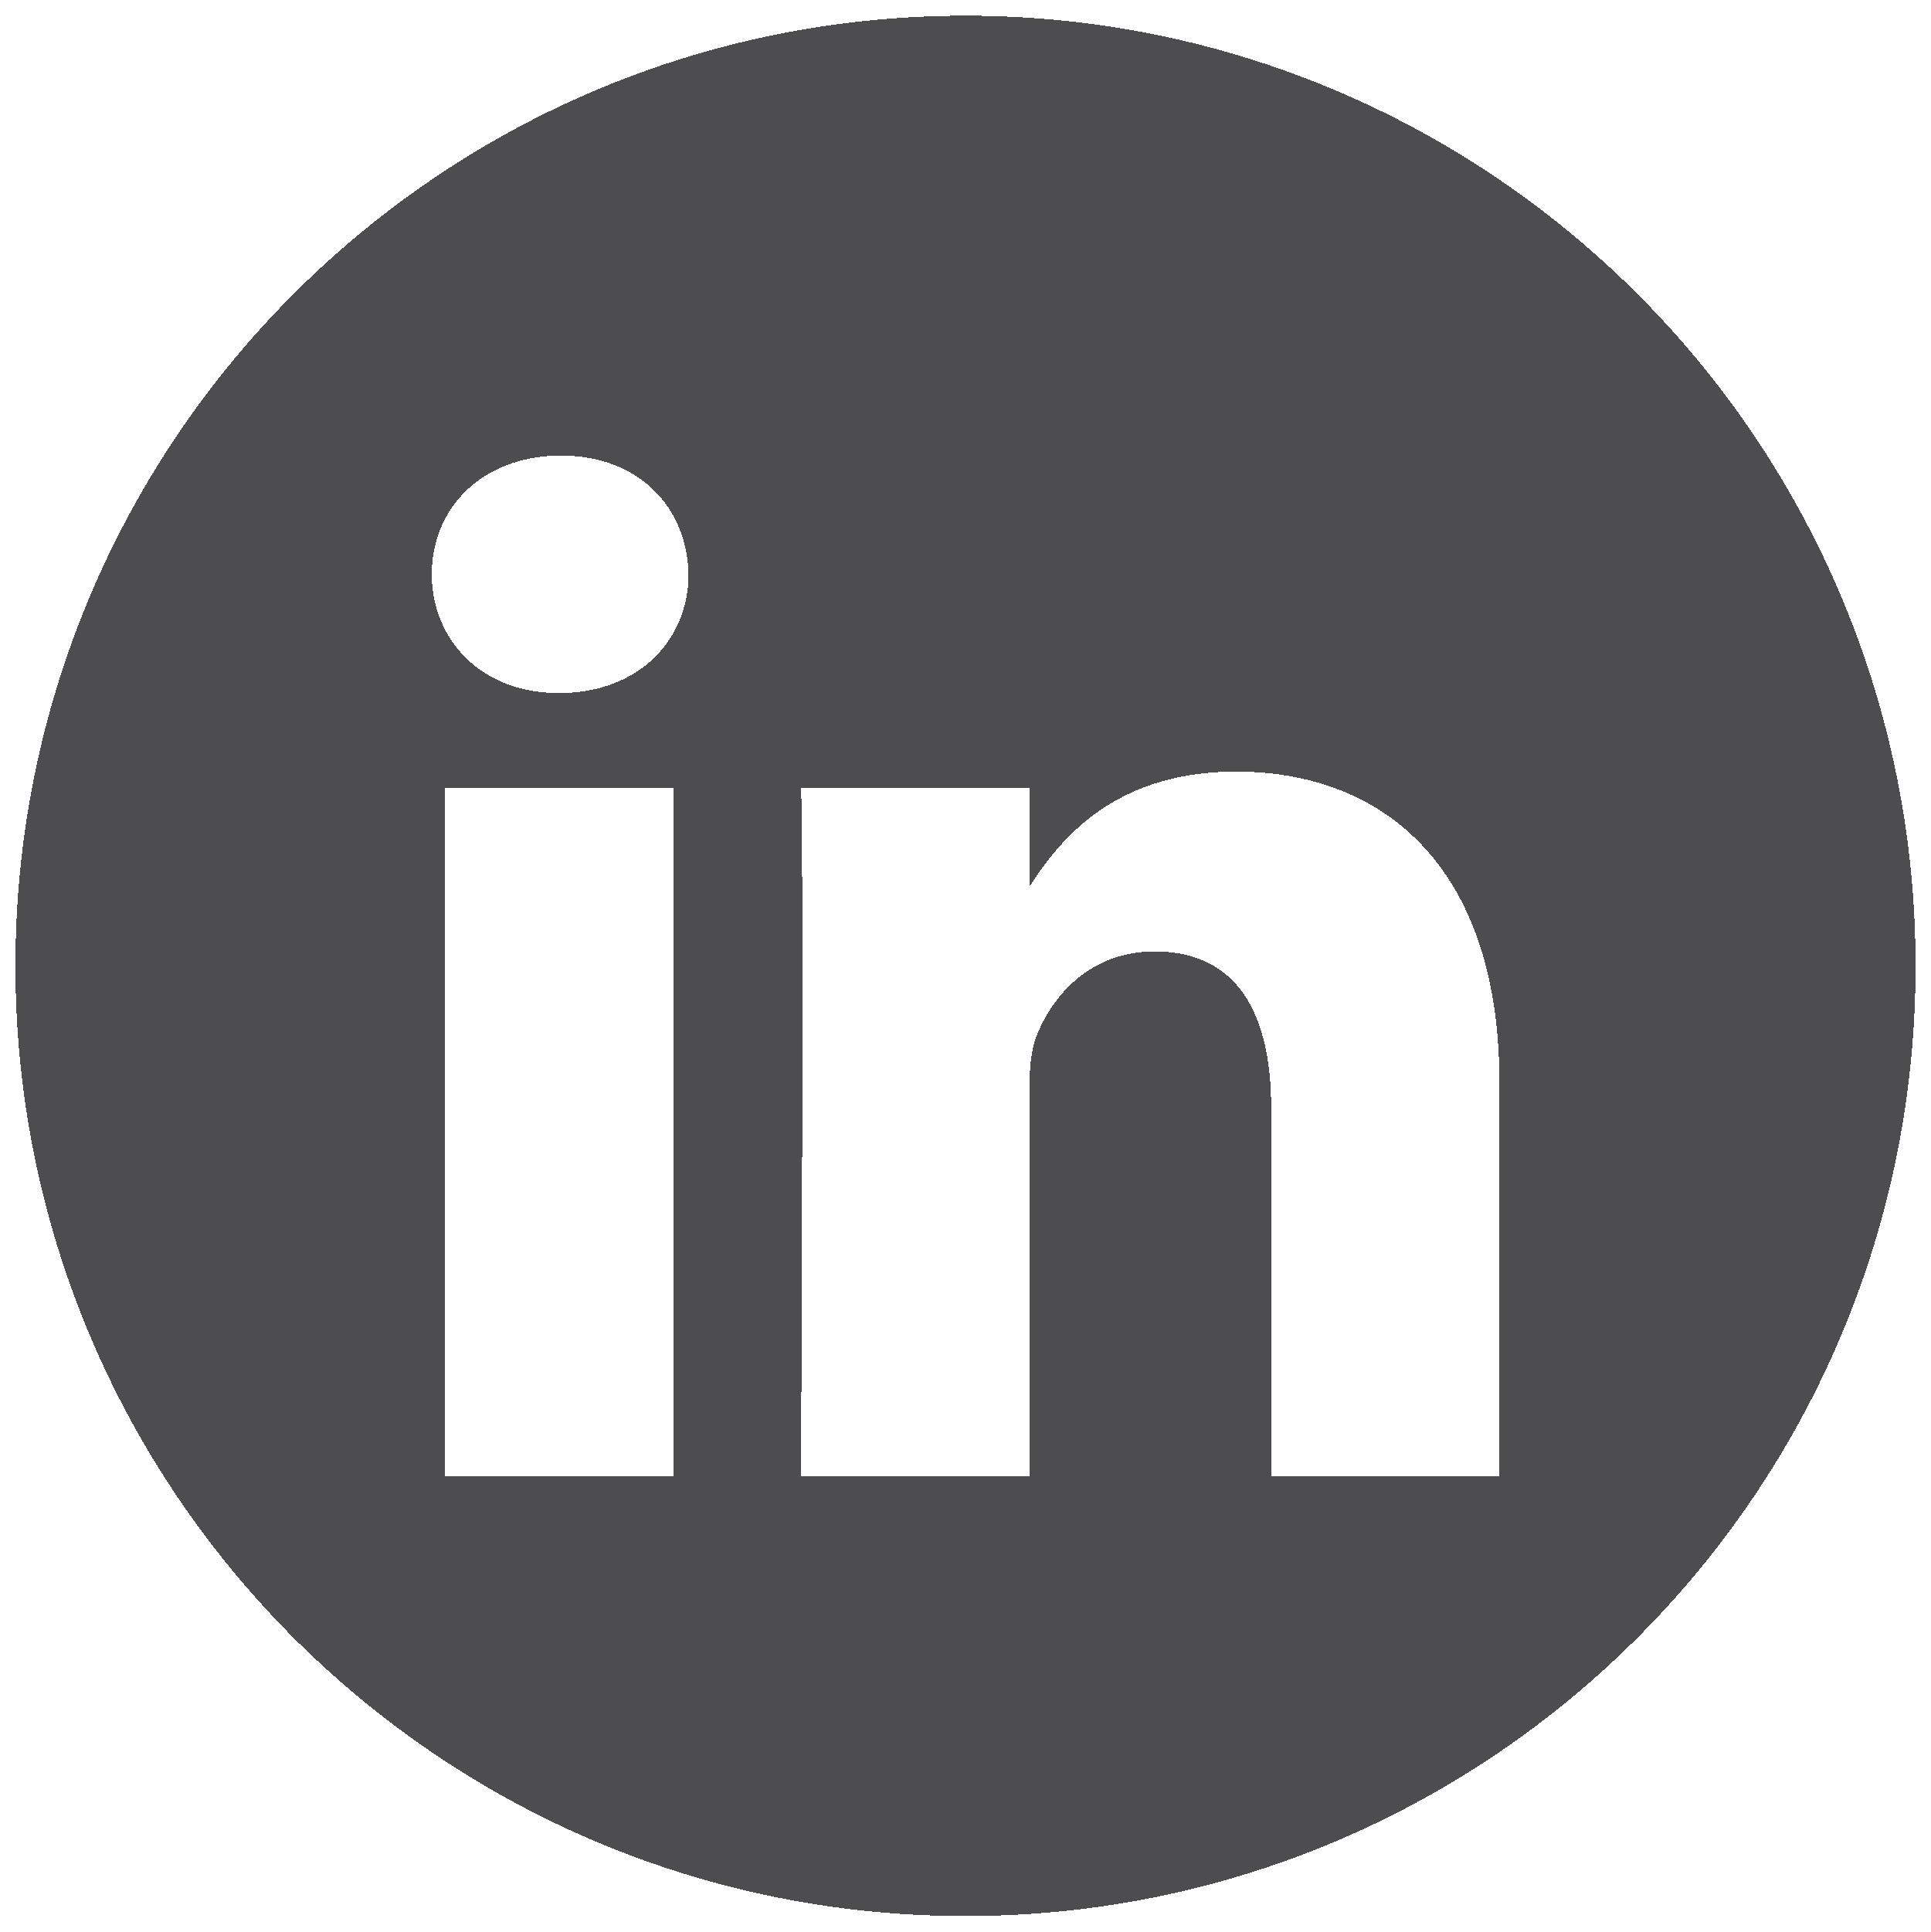 RLP-2019-SocialMediaIcons_linkedin_darkgrey